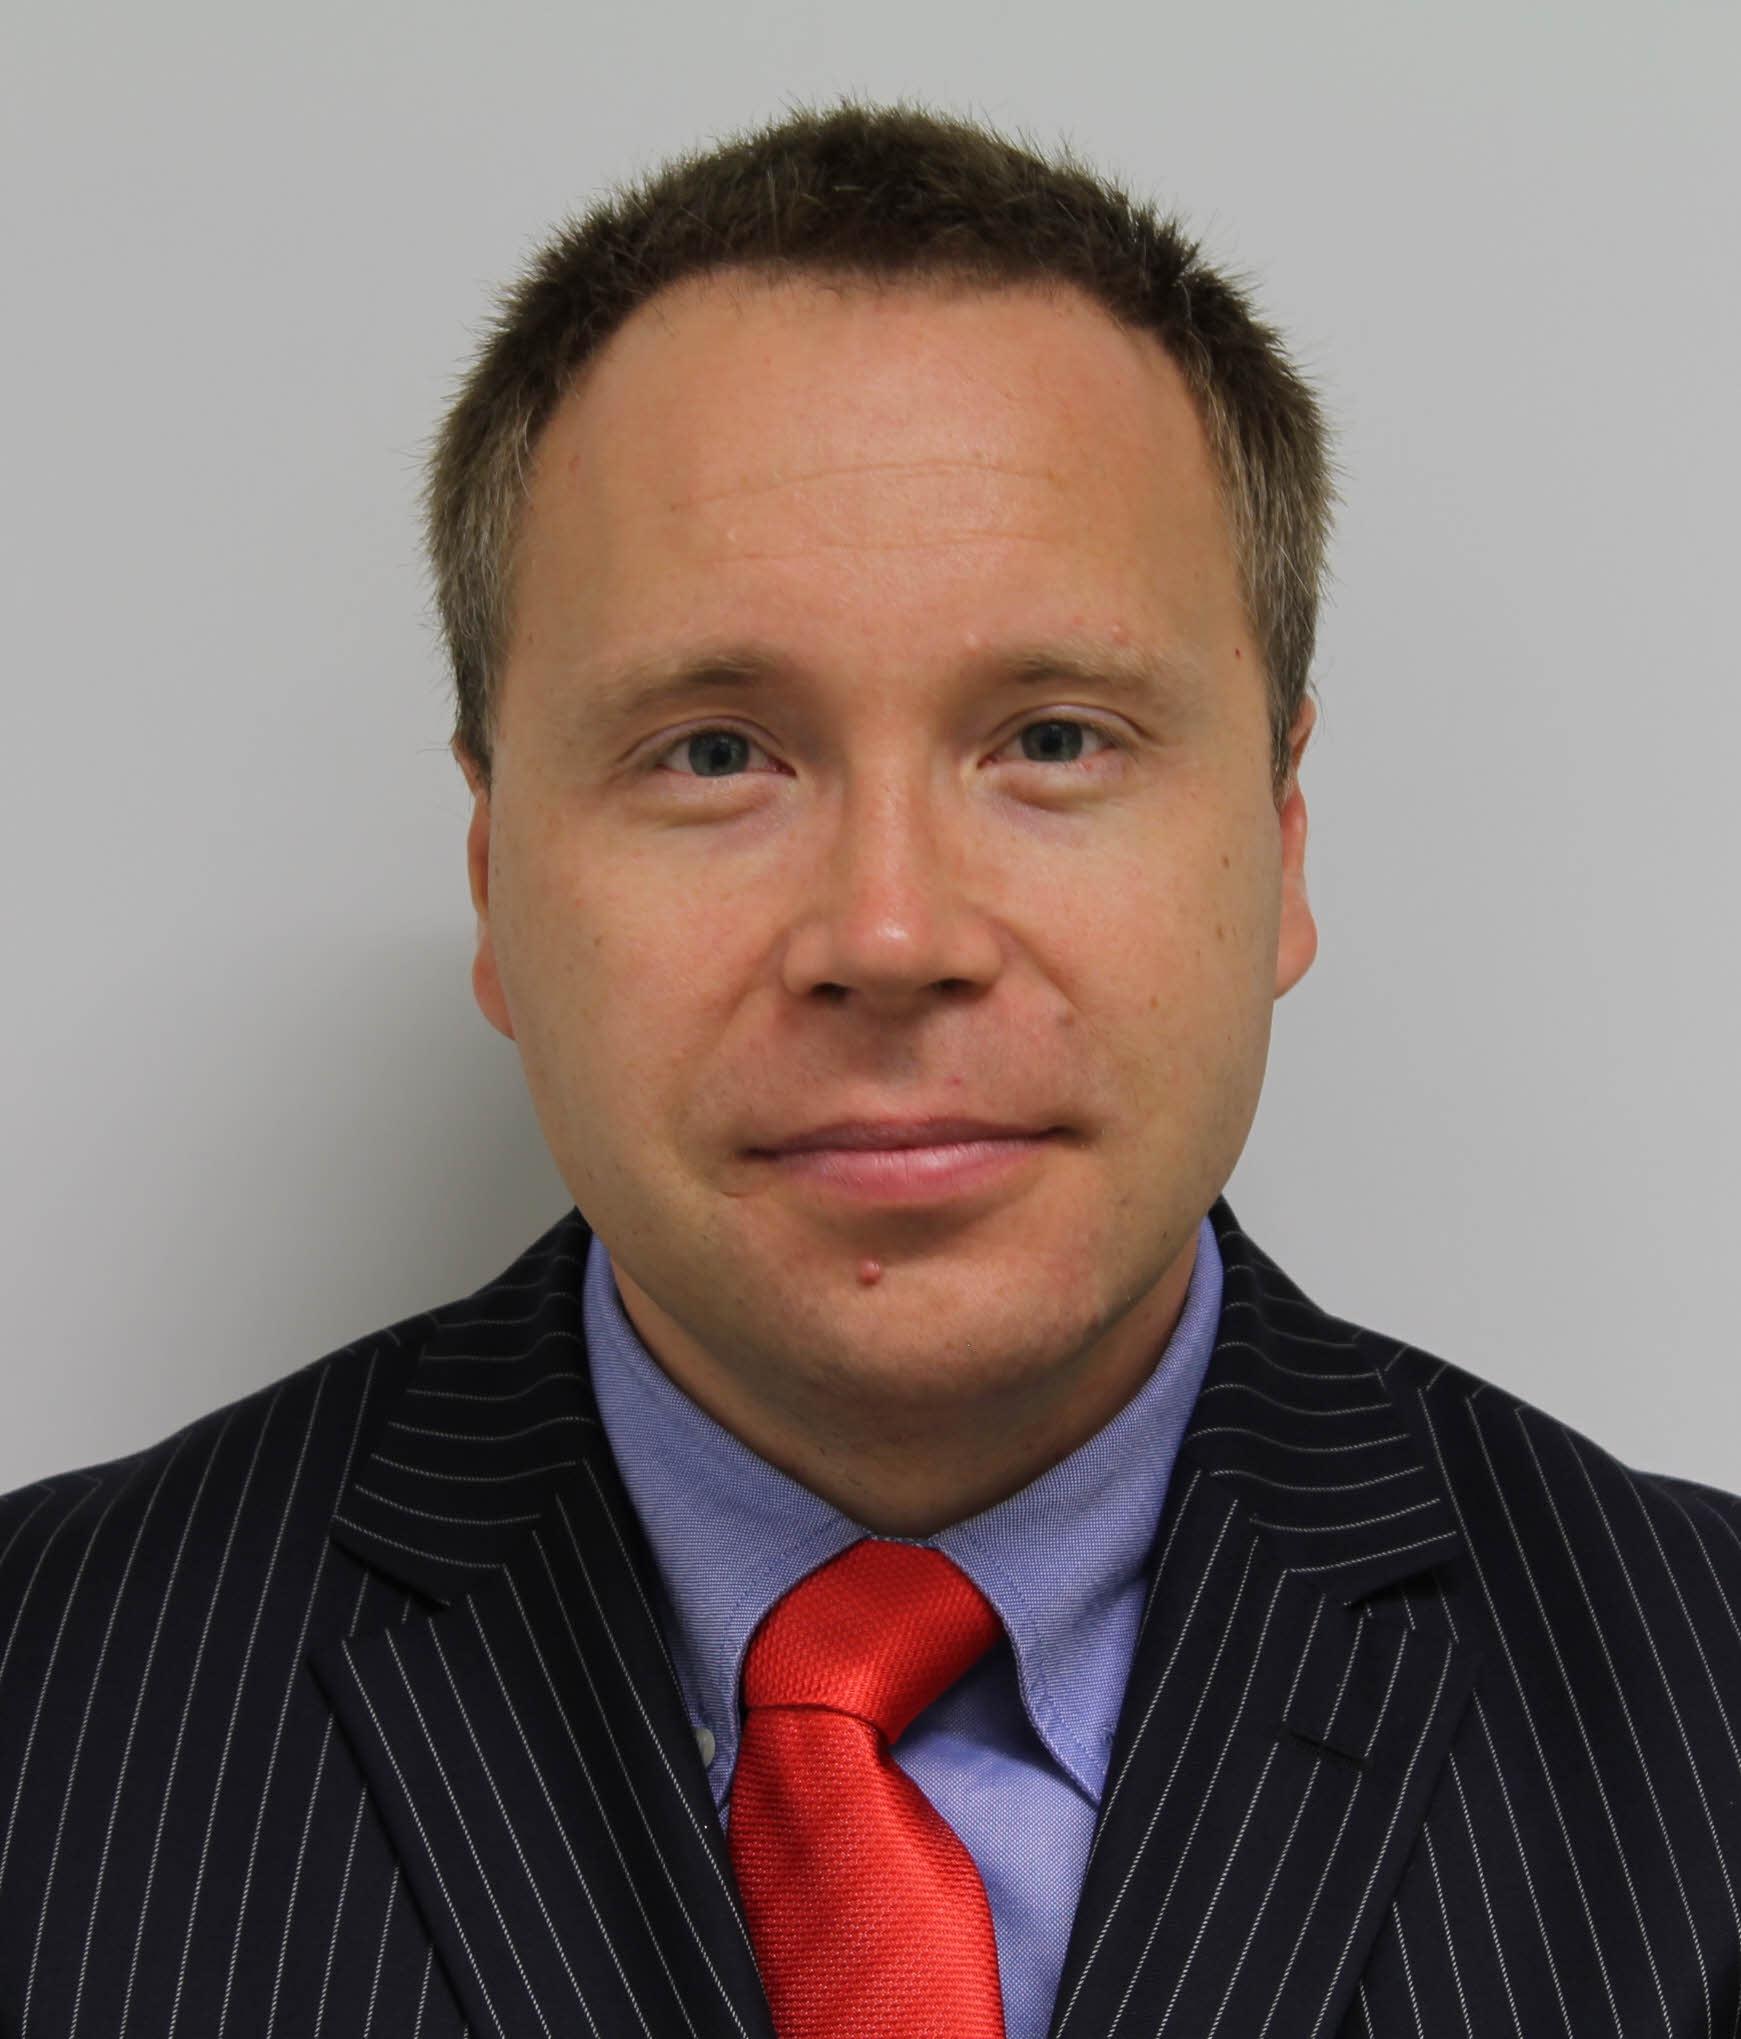 Antti Kolkka